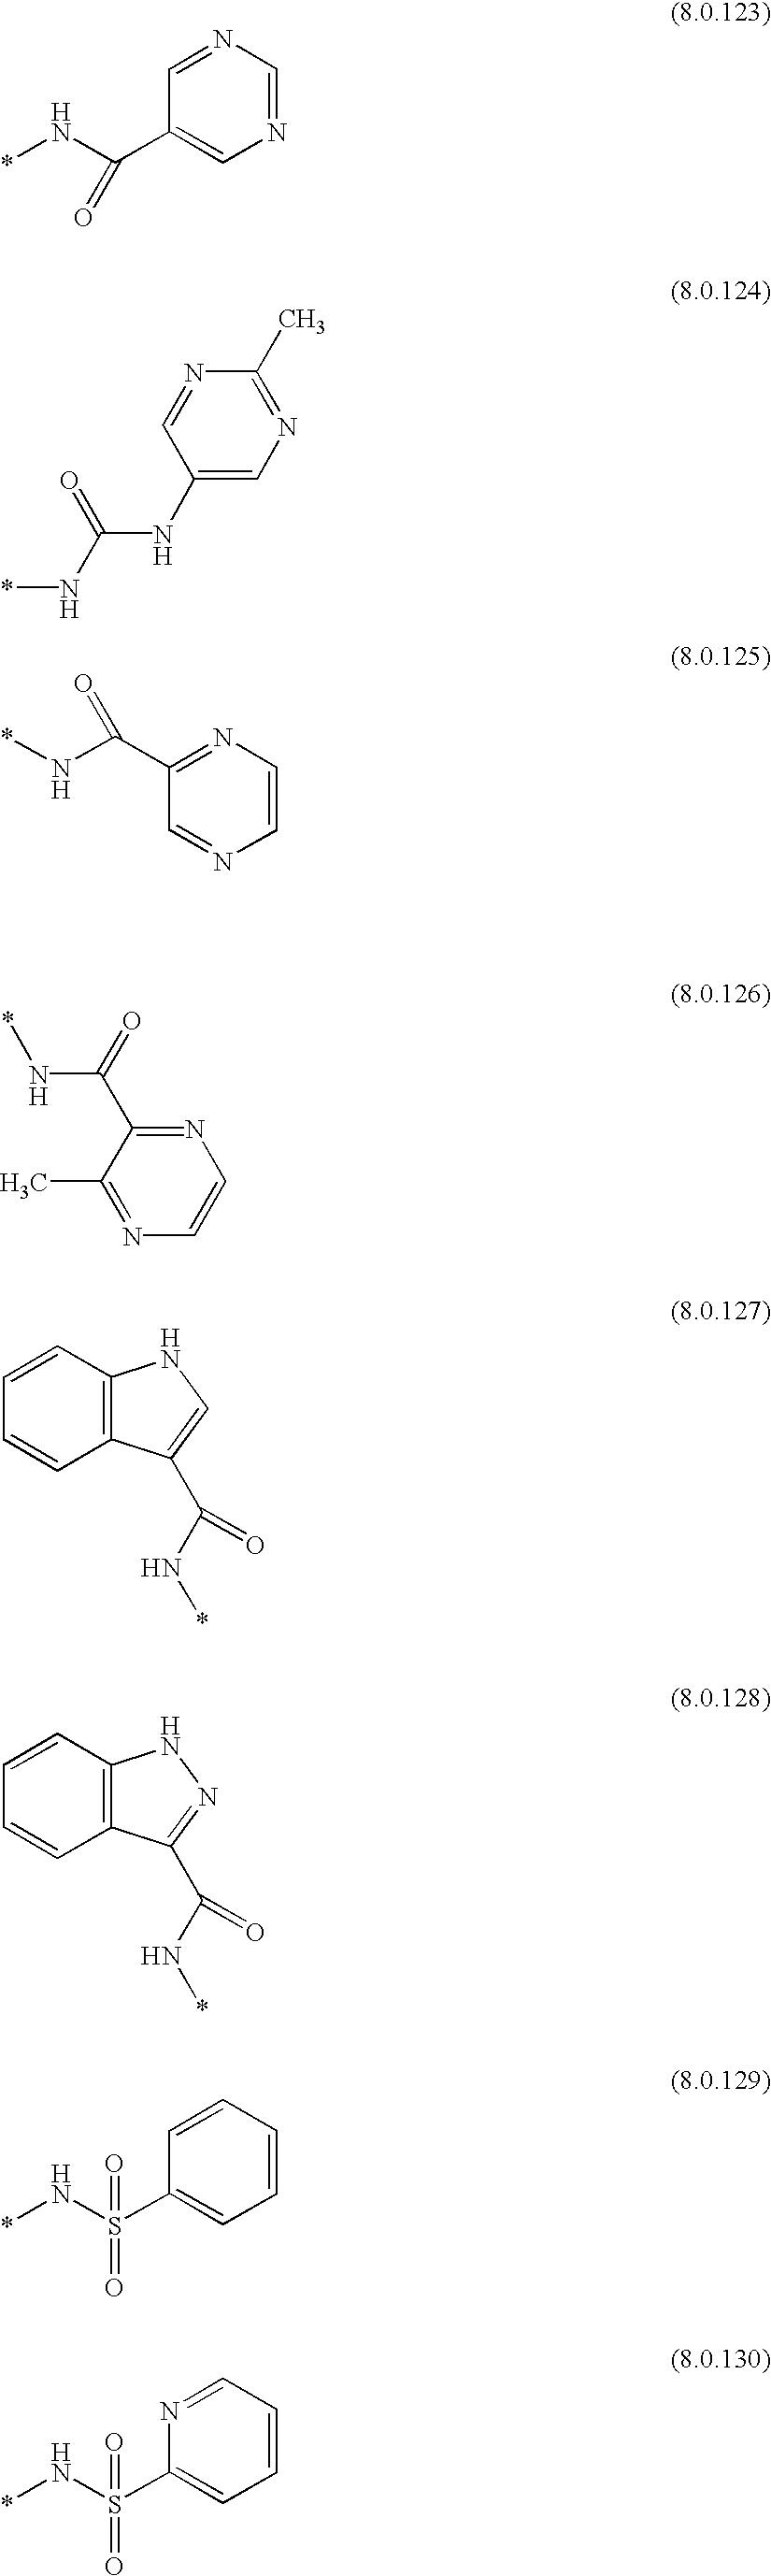 Figure US20030186974A1-20031002-C00218